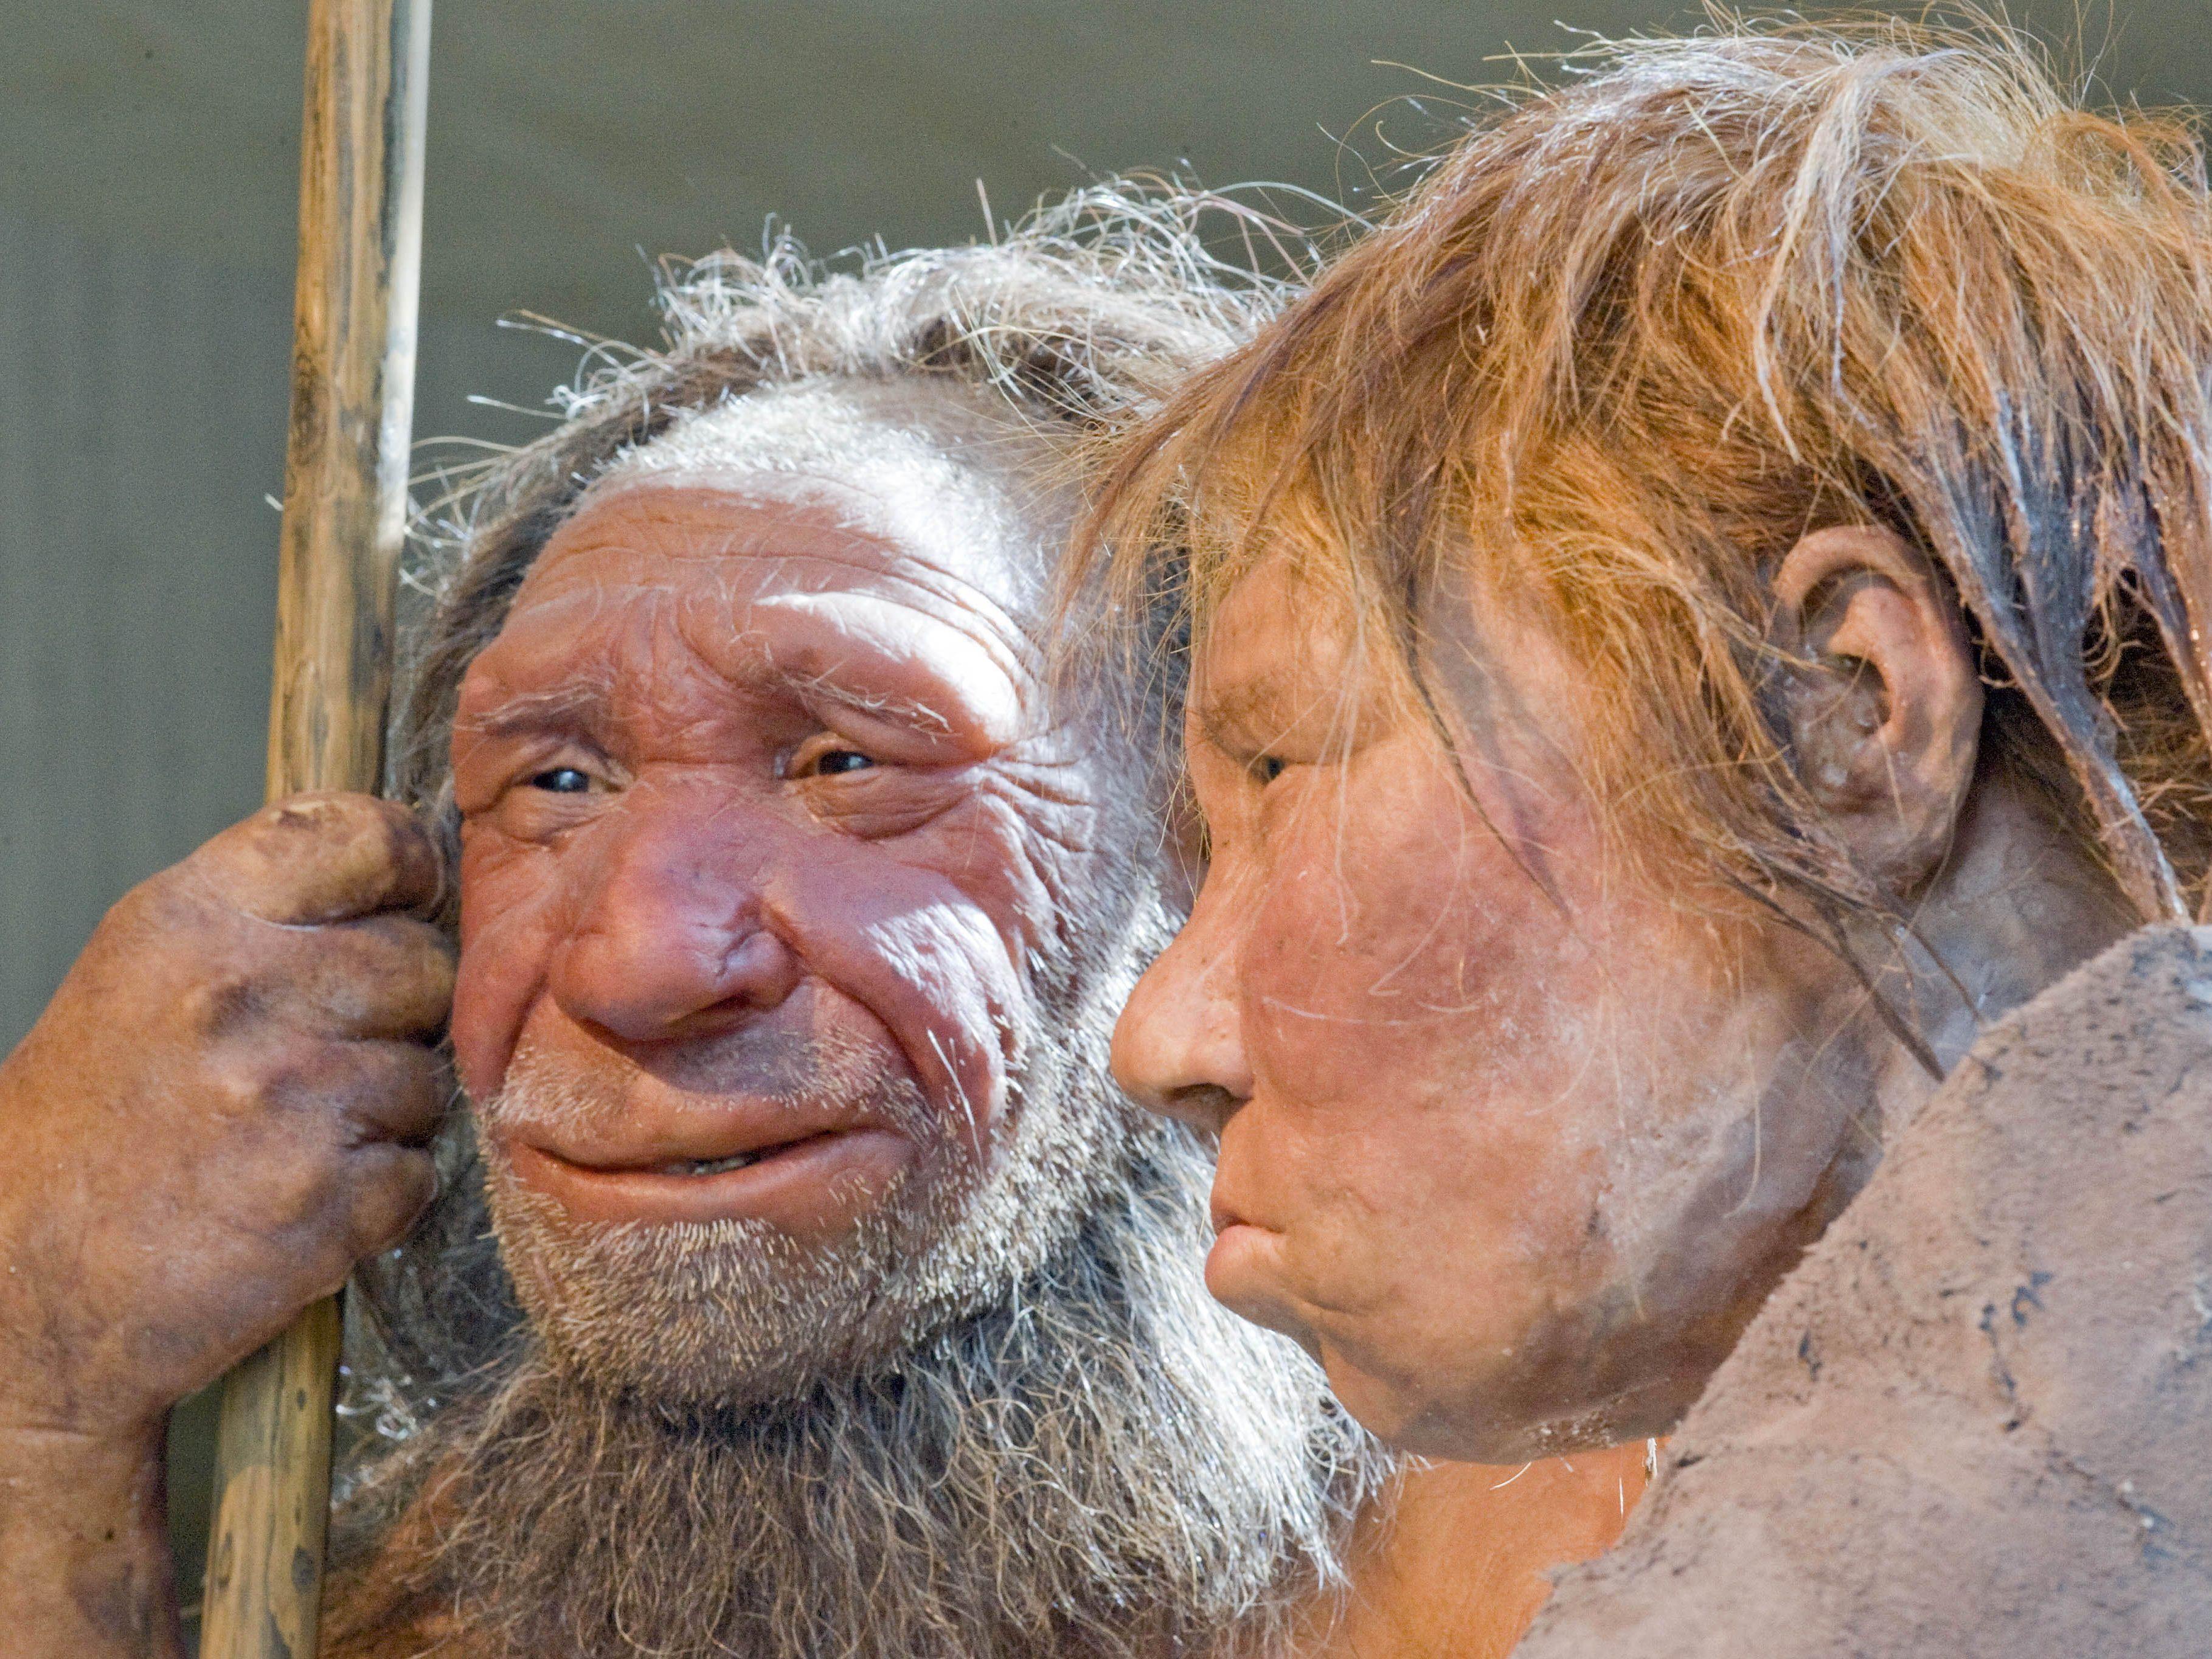 Rekonstruktion eines Neandertaler-Paares im Neandertal-Museum im deutschen Mettmann.